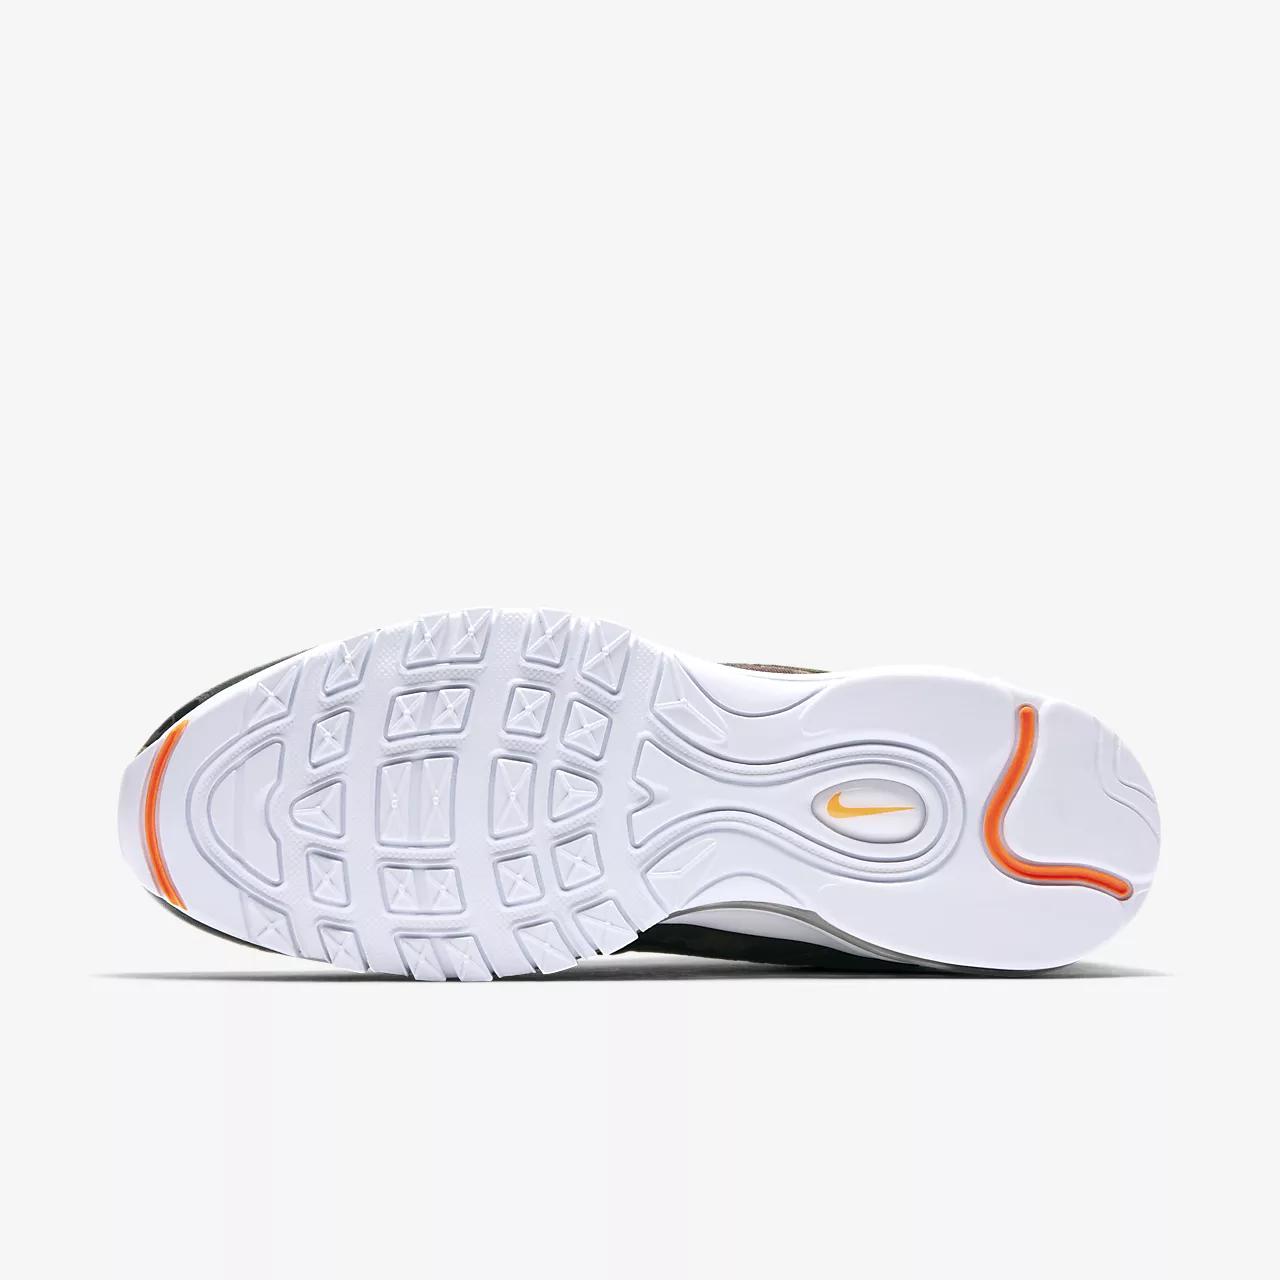 유럽직배송 나이키 NIKE Nike Air Max 97 Premium QS Men's Shoe AJ2614-200